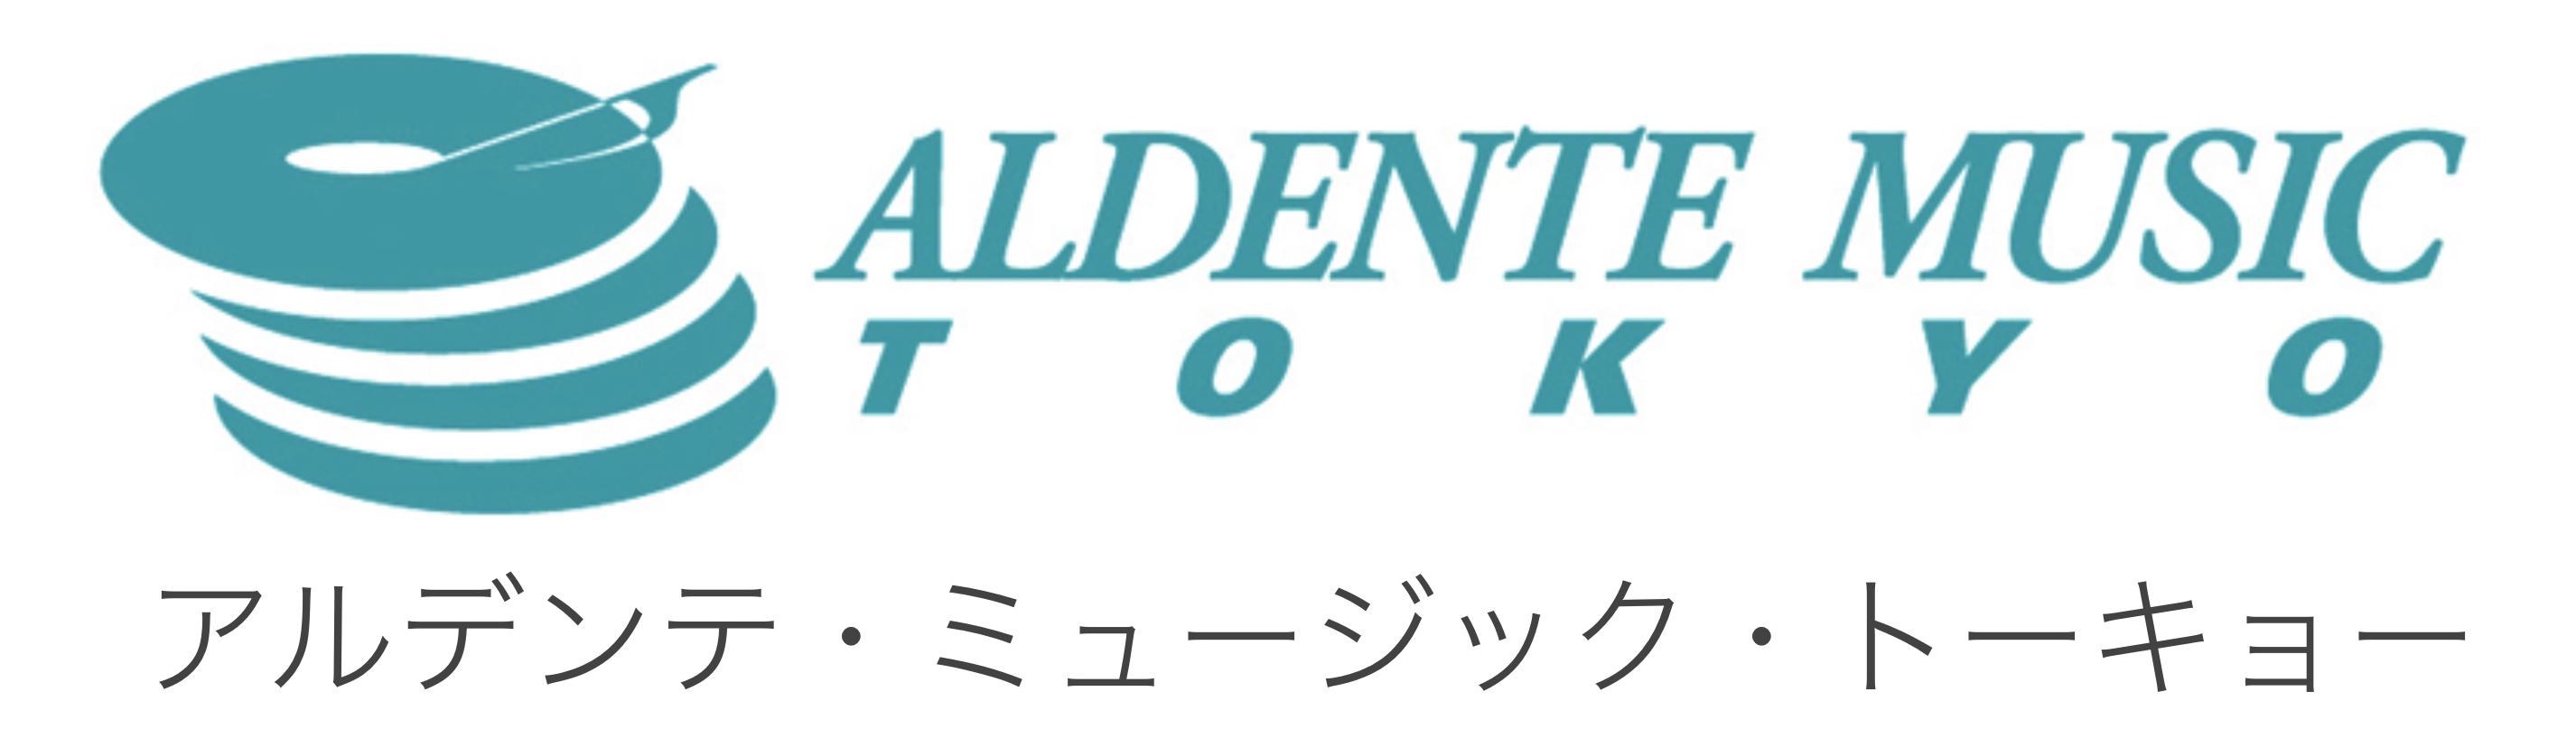 アルデンテ・ミュージック・トーキョー CO.,Ltd